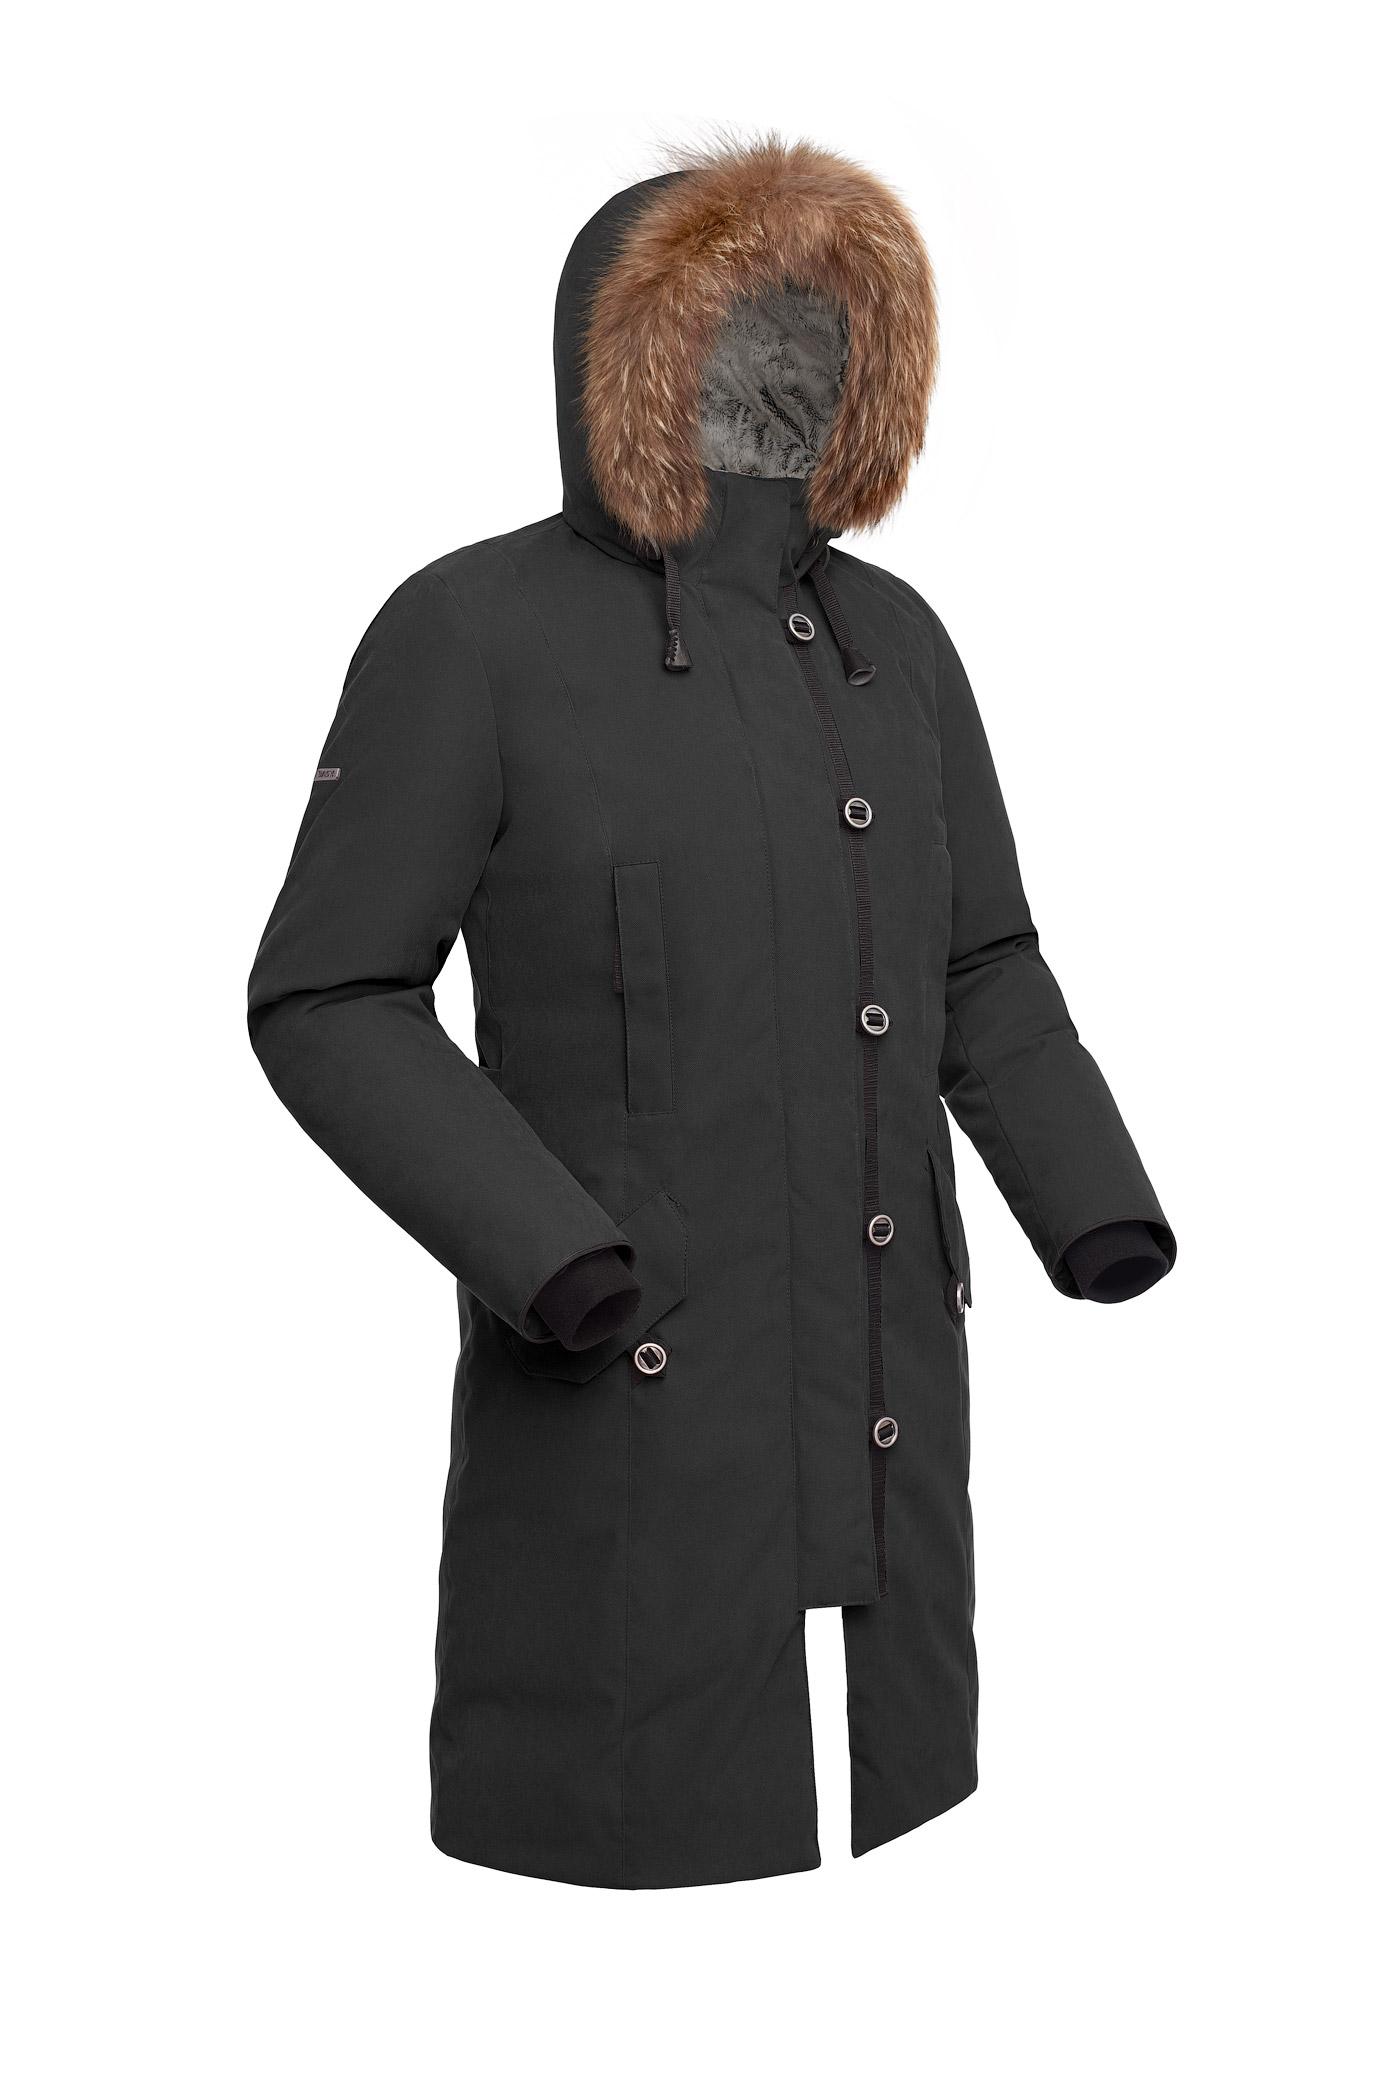 Купить Пальто пуховое женское BASK HATANGA V2 черная, Компания БАСК